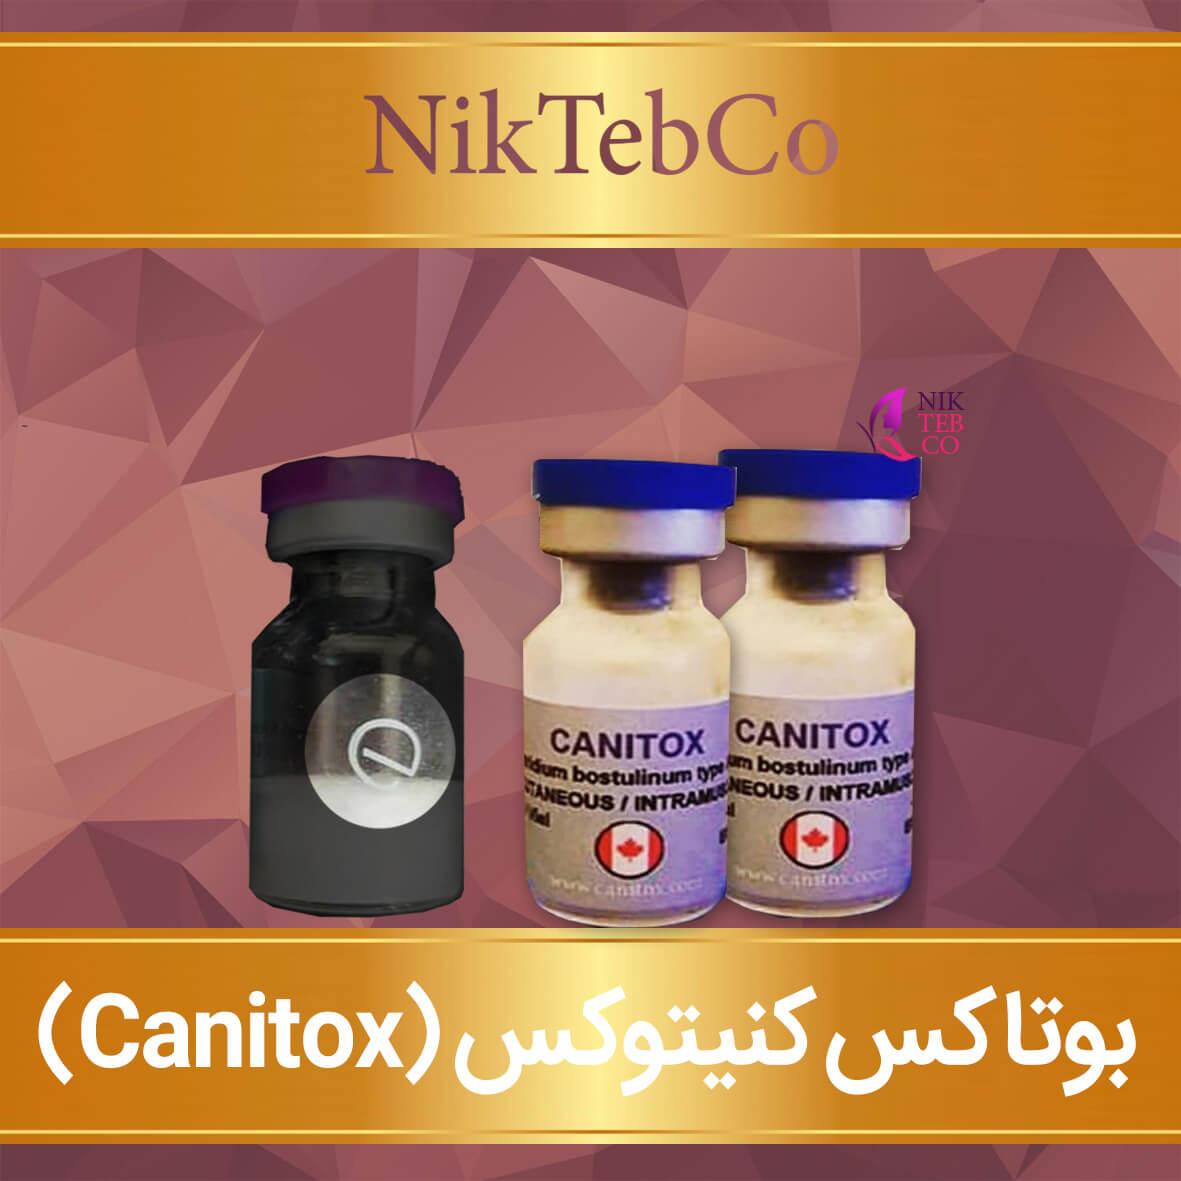 بوتاکس - بوتاکس کنیتوکس - بوتاکس canitox